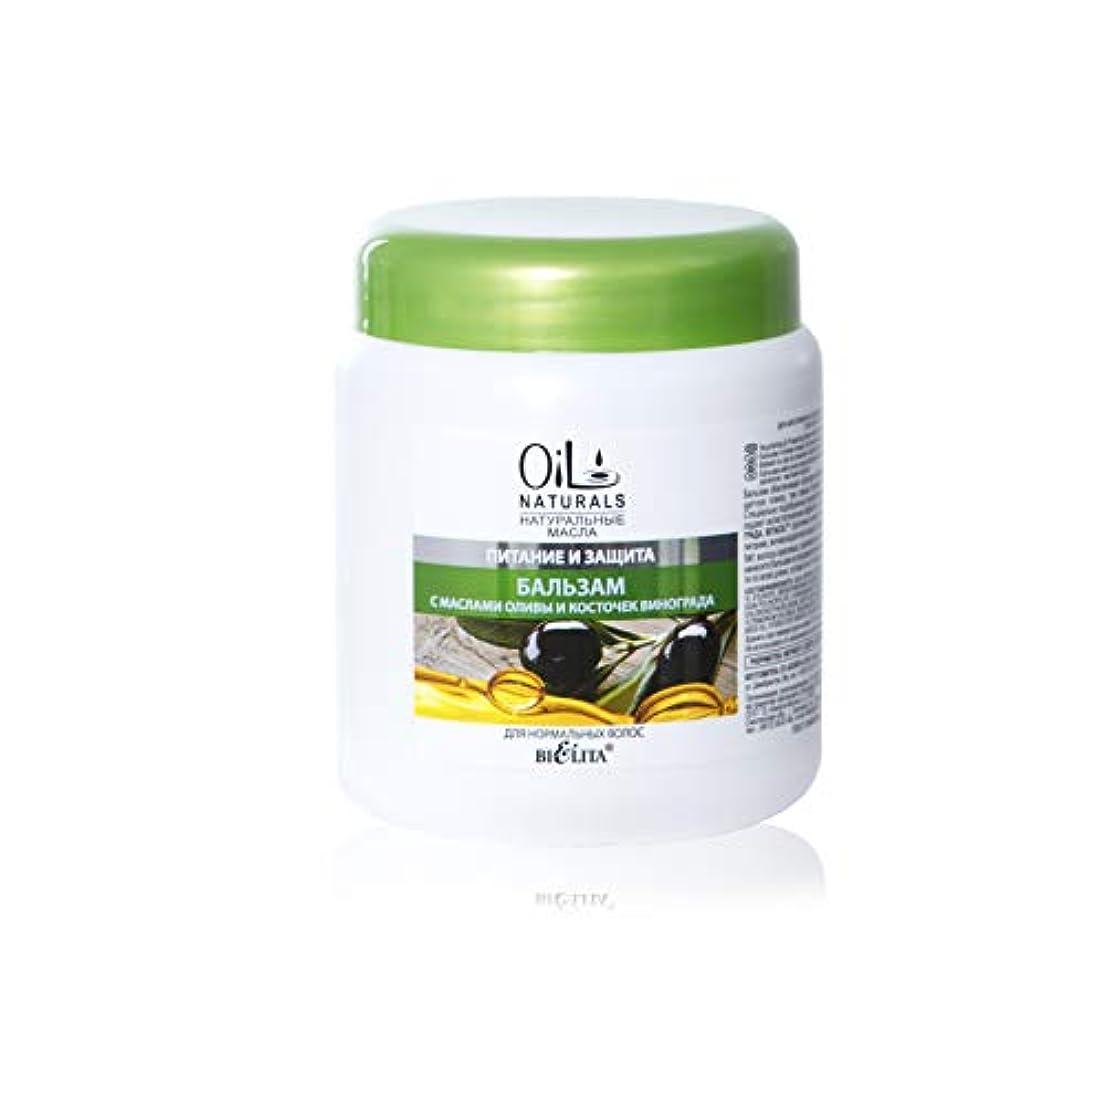 安定したリフトアシスタントBielita & Vitex Oil Naturals Line | Nutrition & Protection Balm for Normal Hair, 450 ml | Grape Seed Oil, Silk...